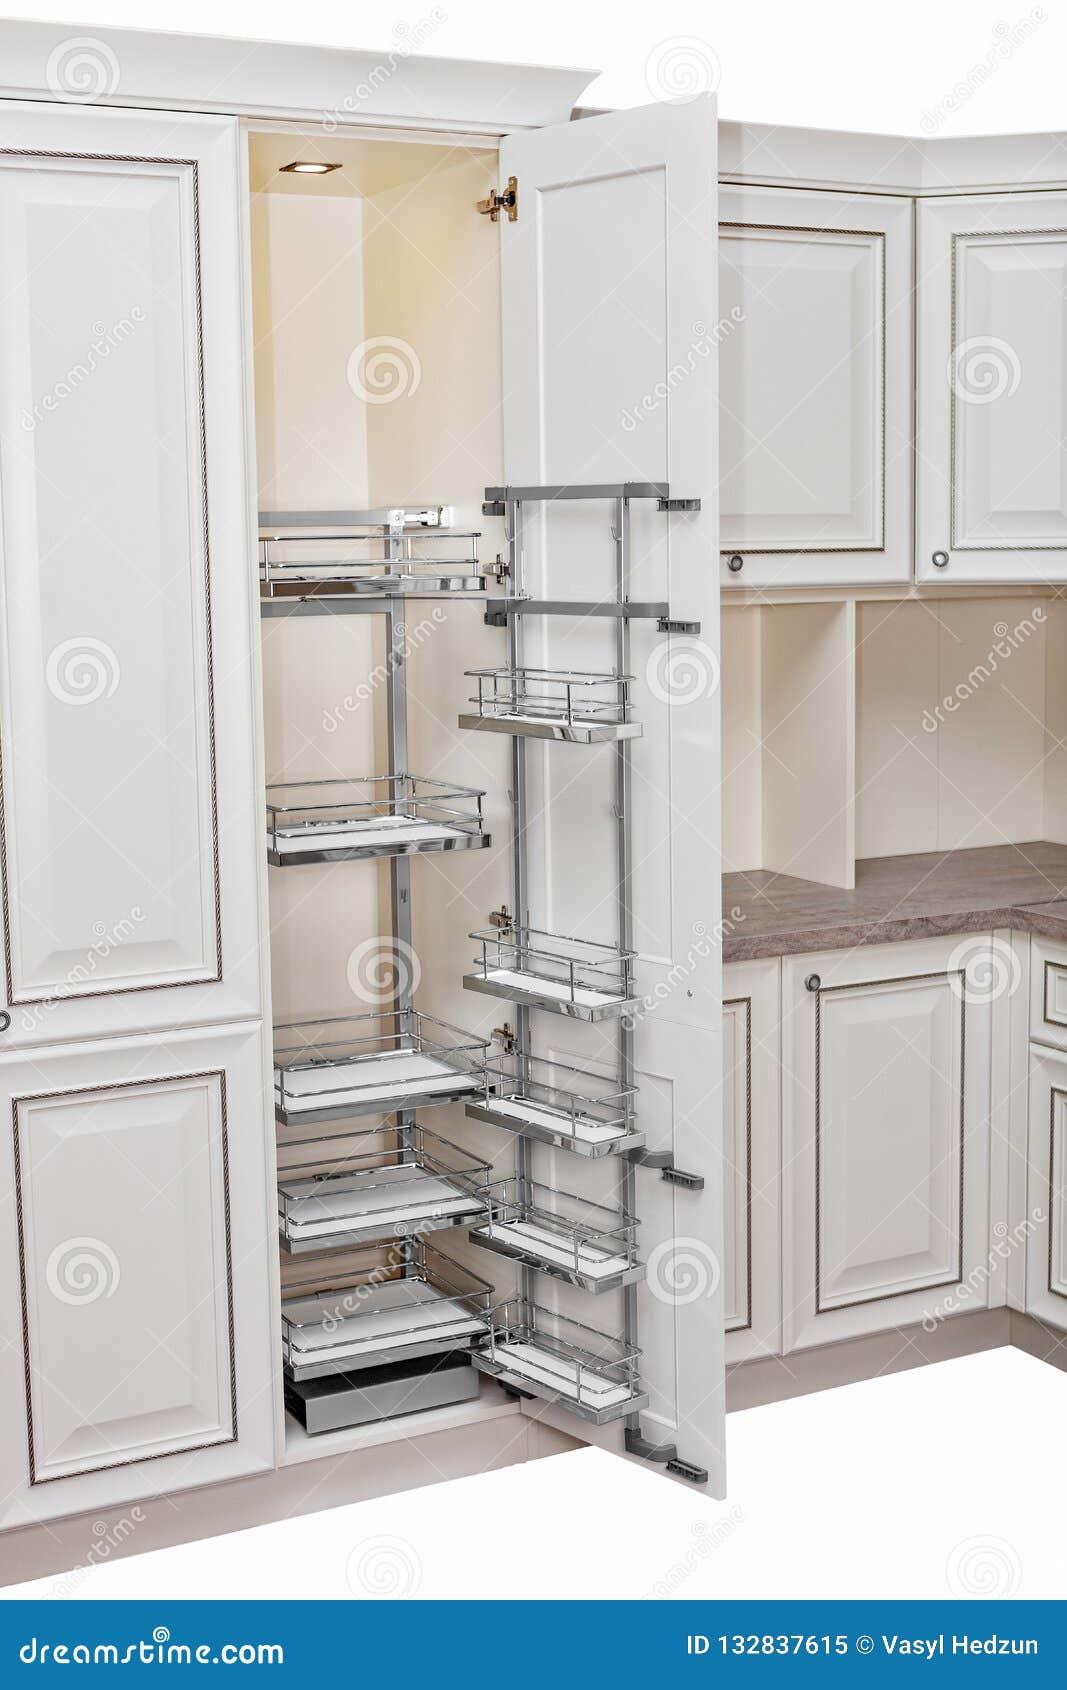 Interior Casero Cocina - Puerta Abierta Con Muebles Madera Y ...